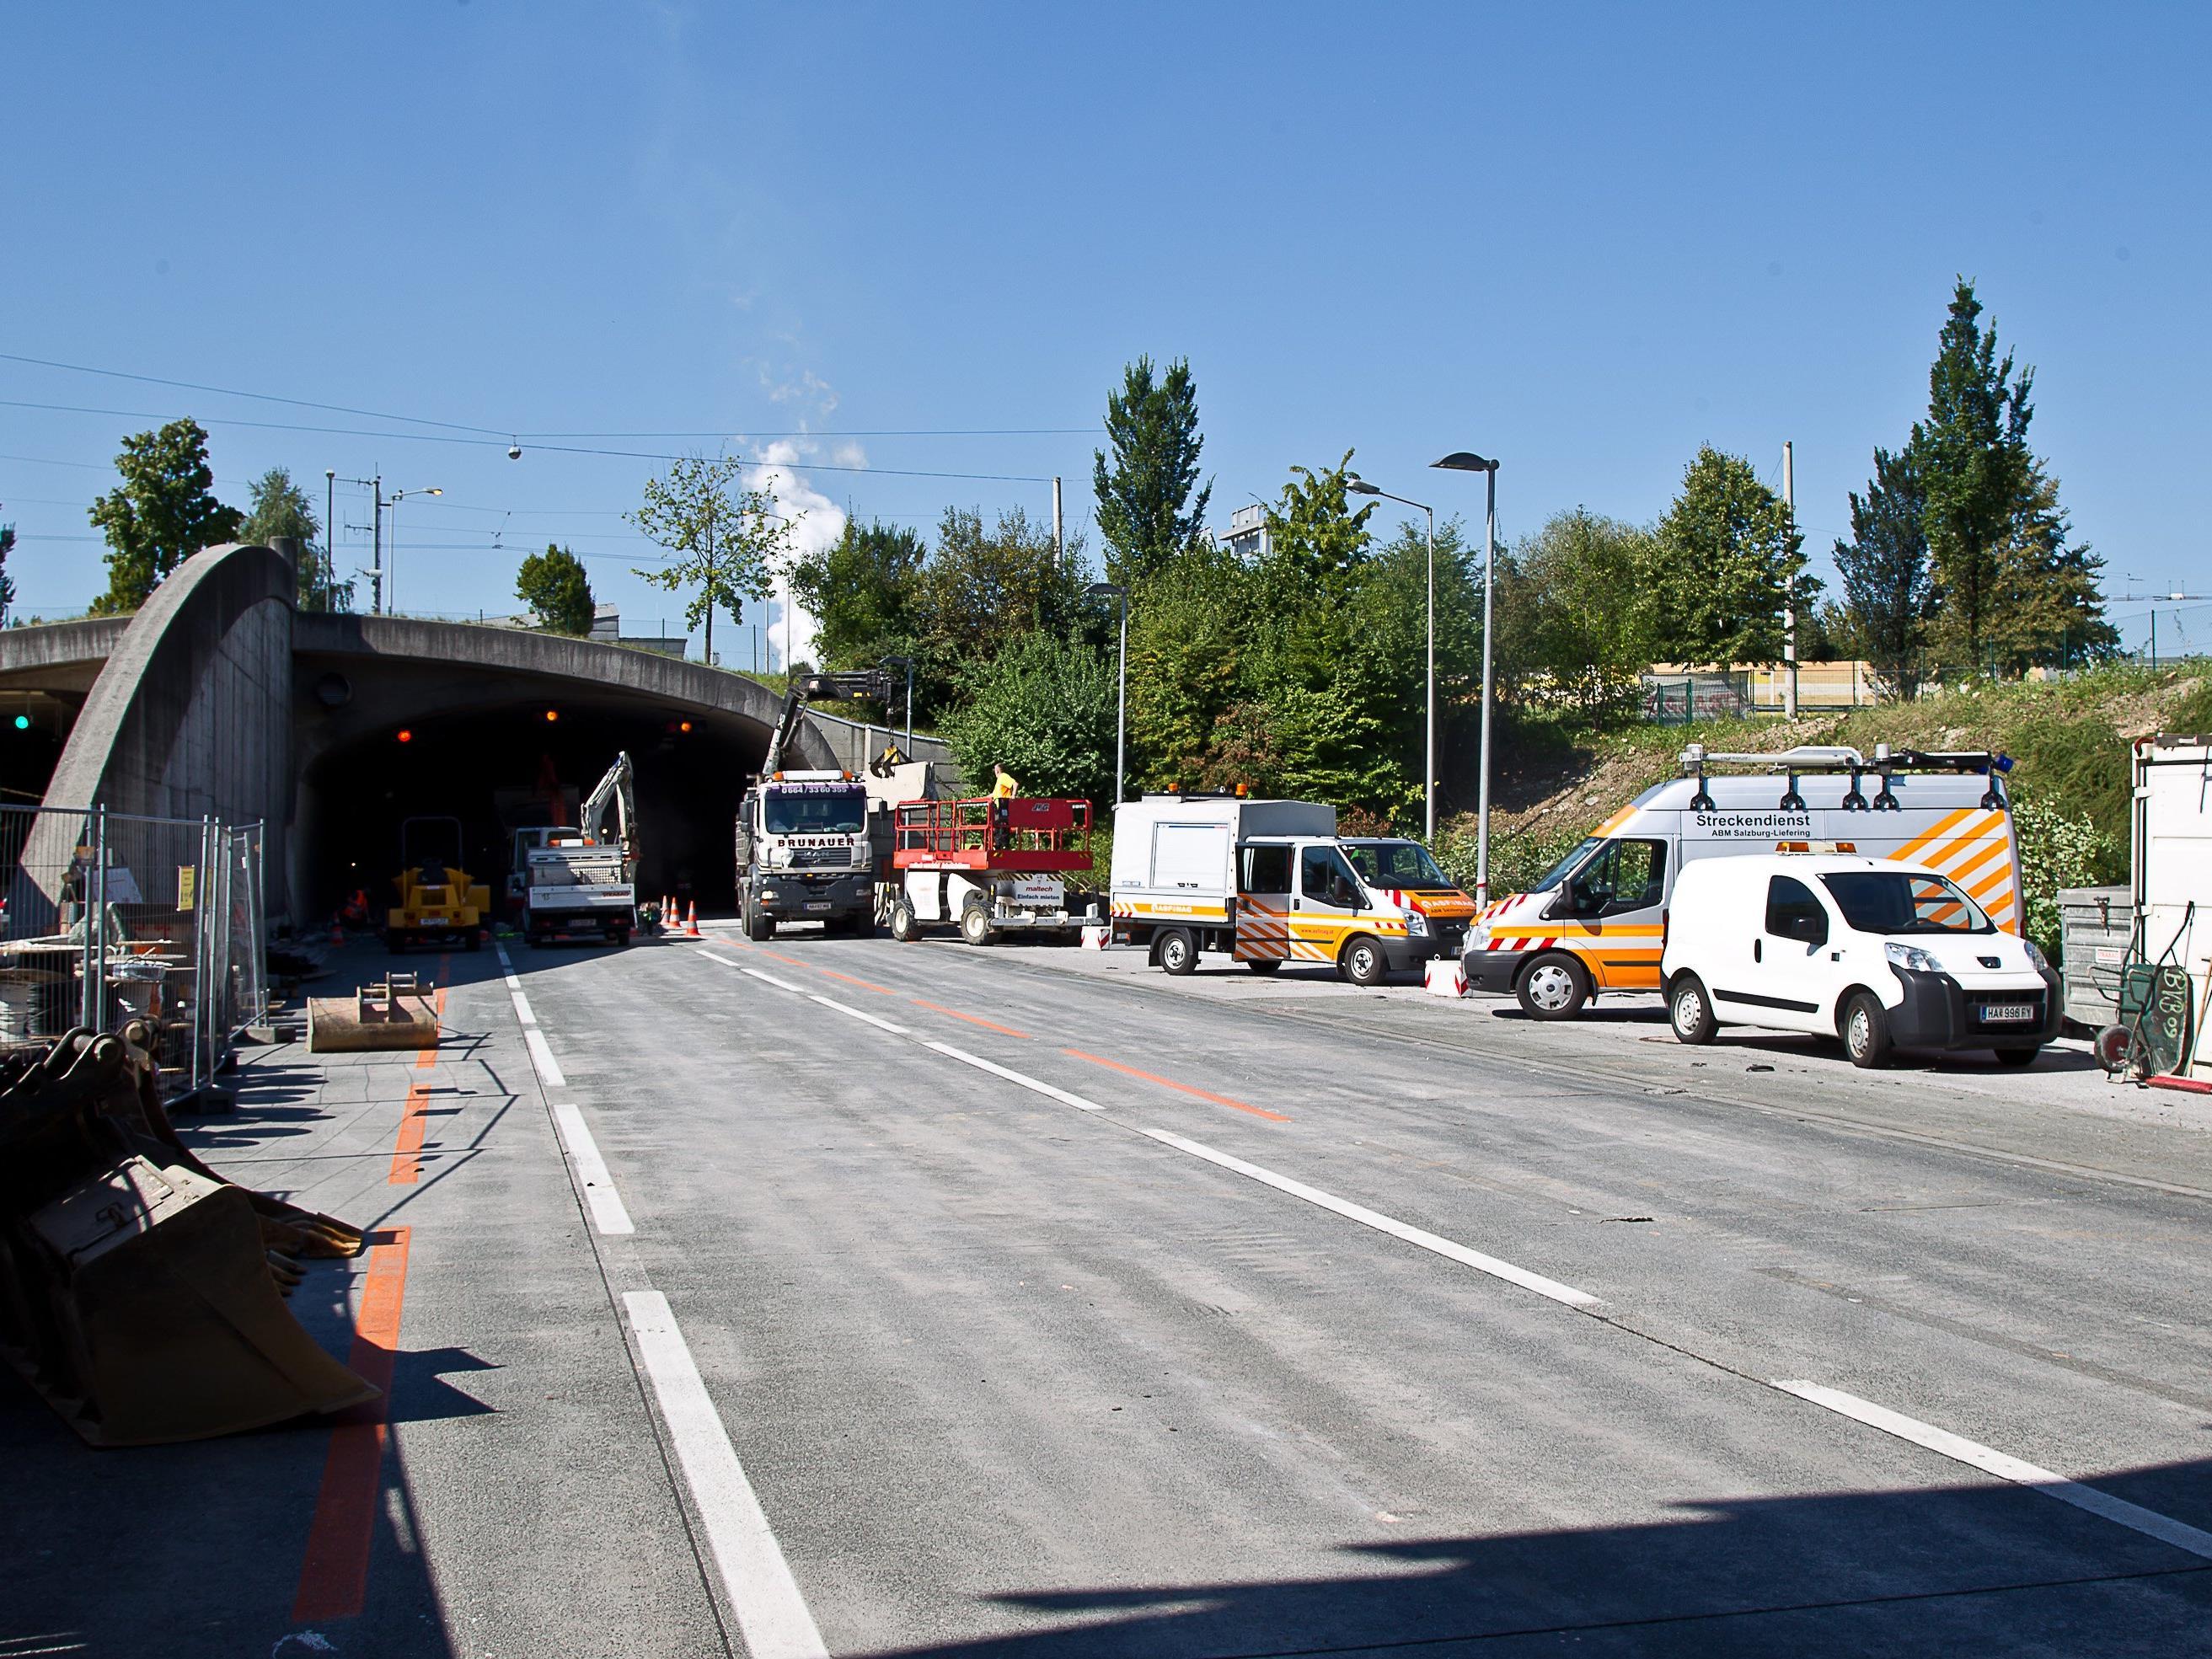 Bis November soll die Sanierung im Lieferinger Tunnel andauern.